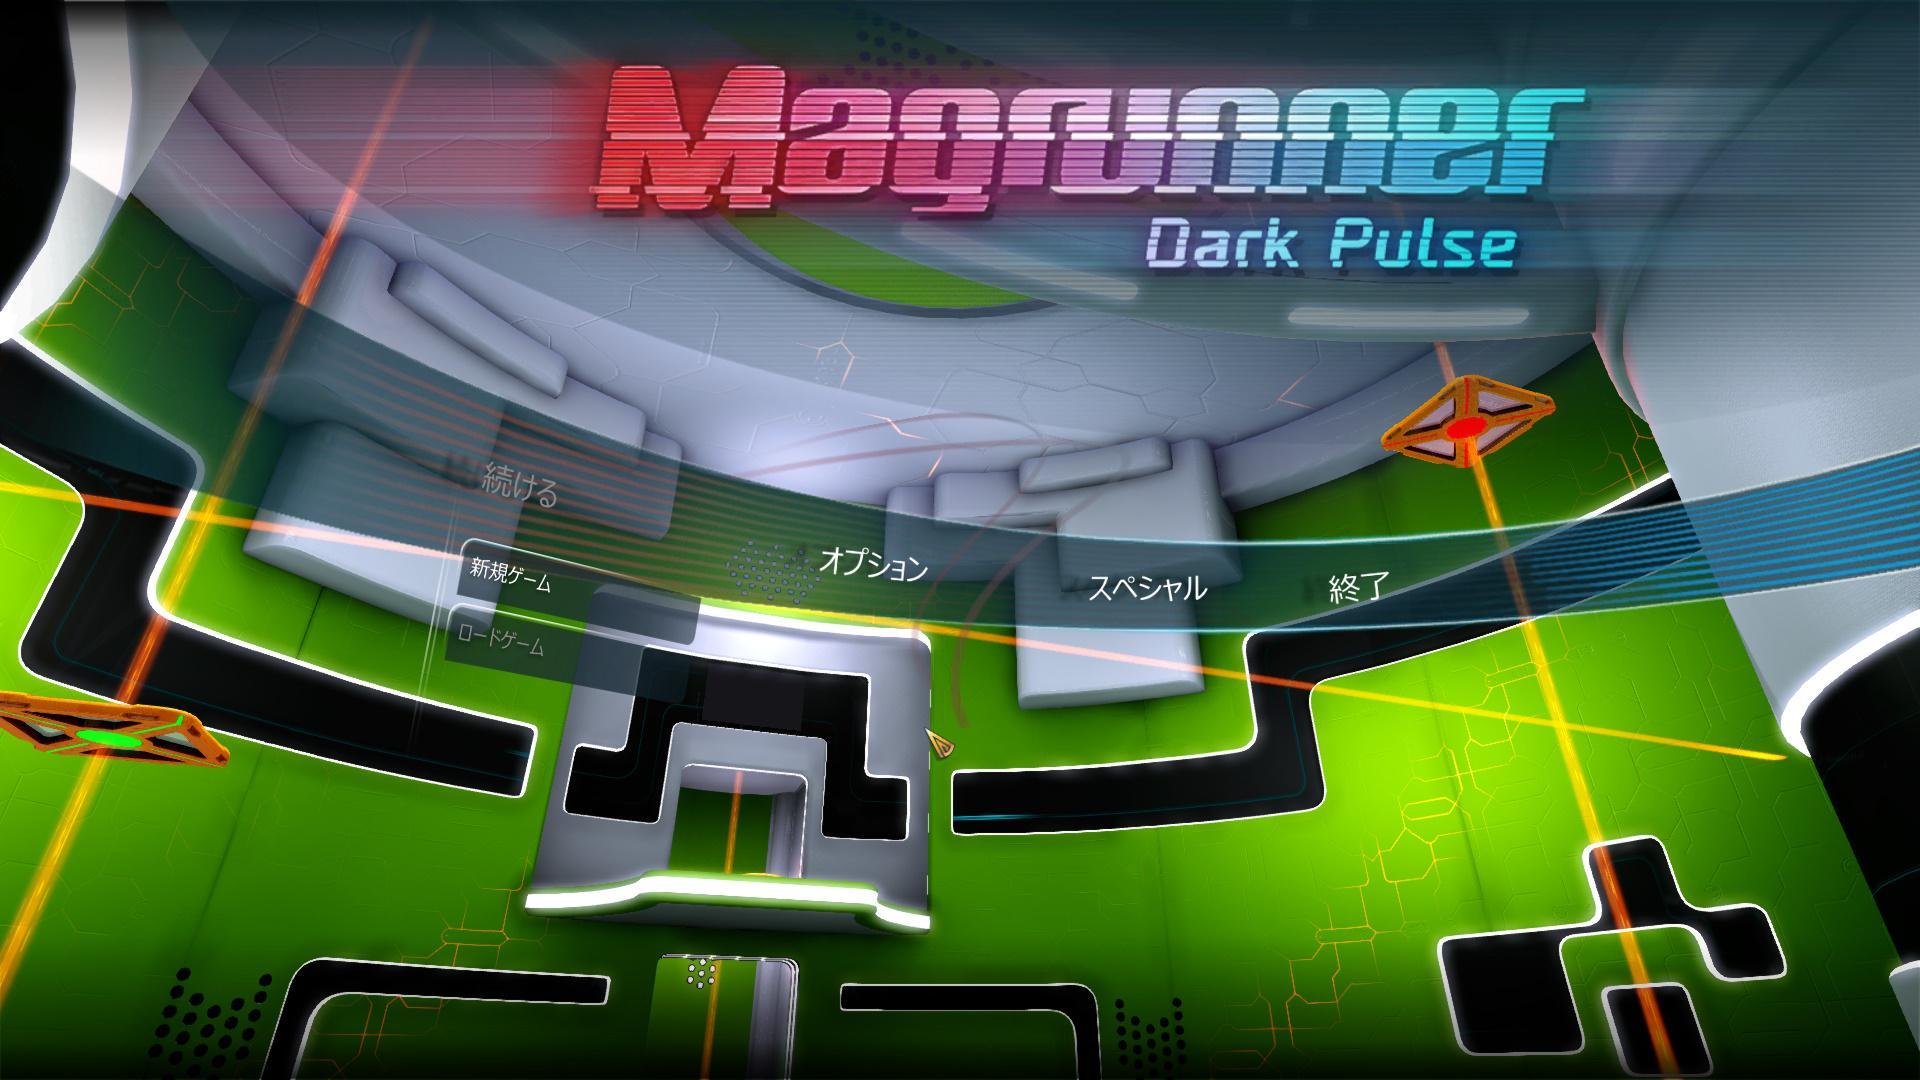 アタマを捻って空間を制覇。難解パズルゲーム「Magrunner: Dark Pulse」